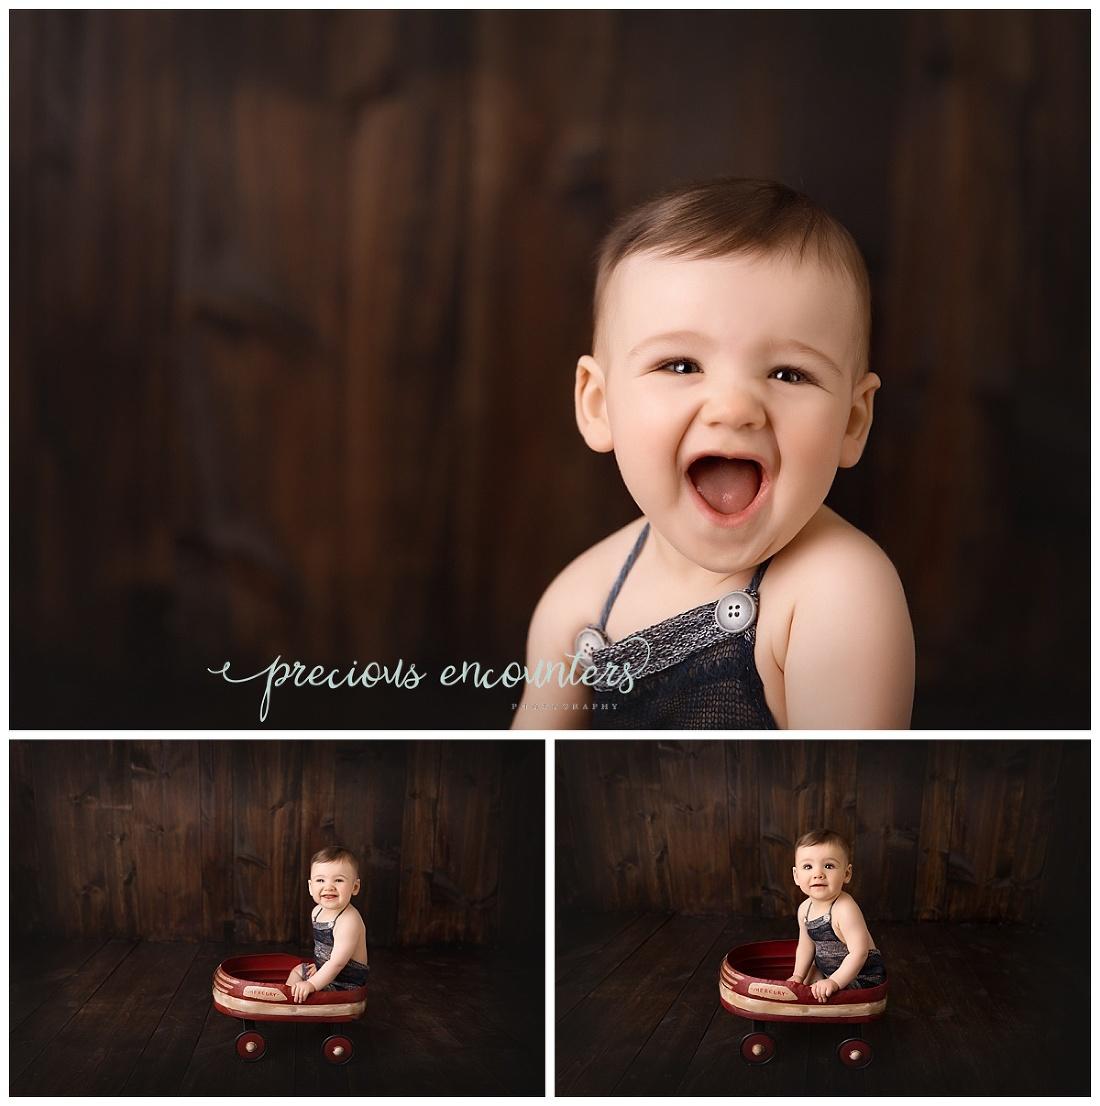 red wagon, boy, portraits, dark wood backdrop